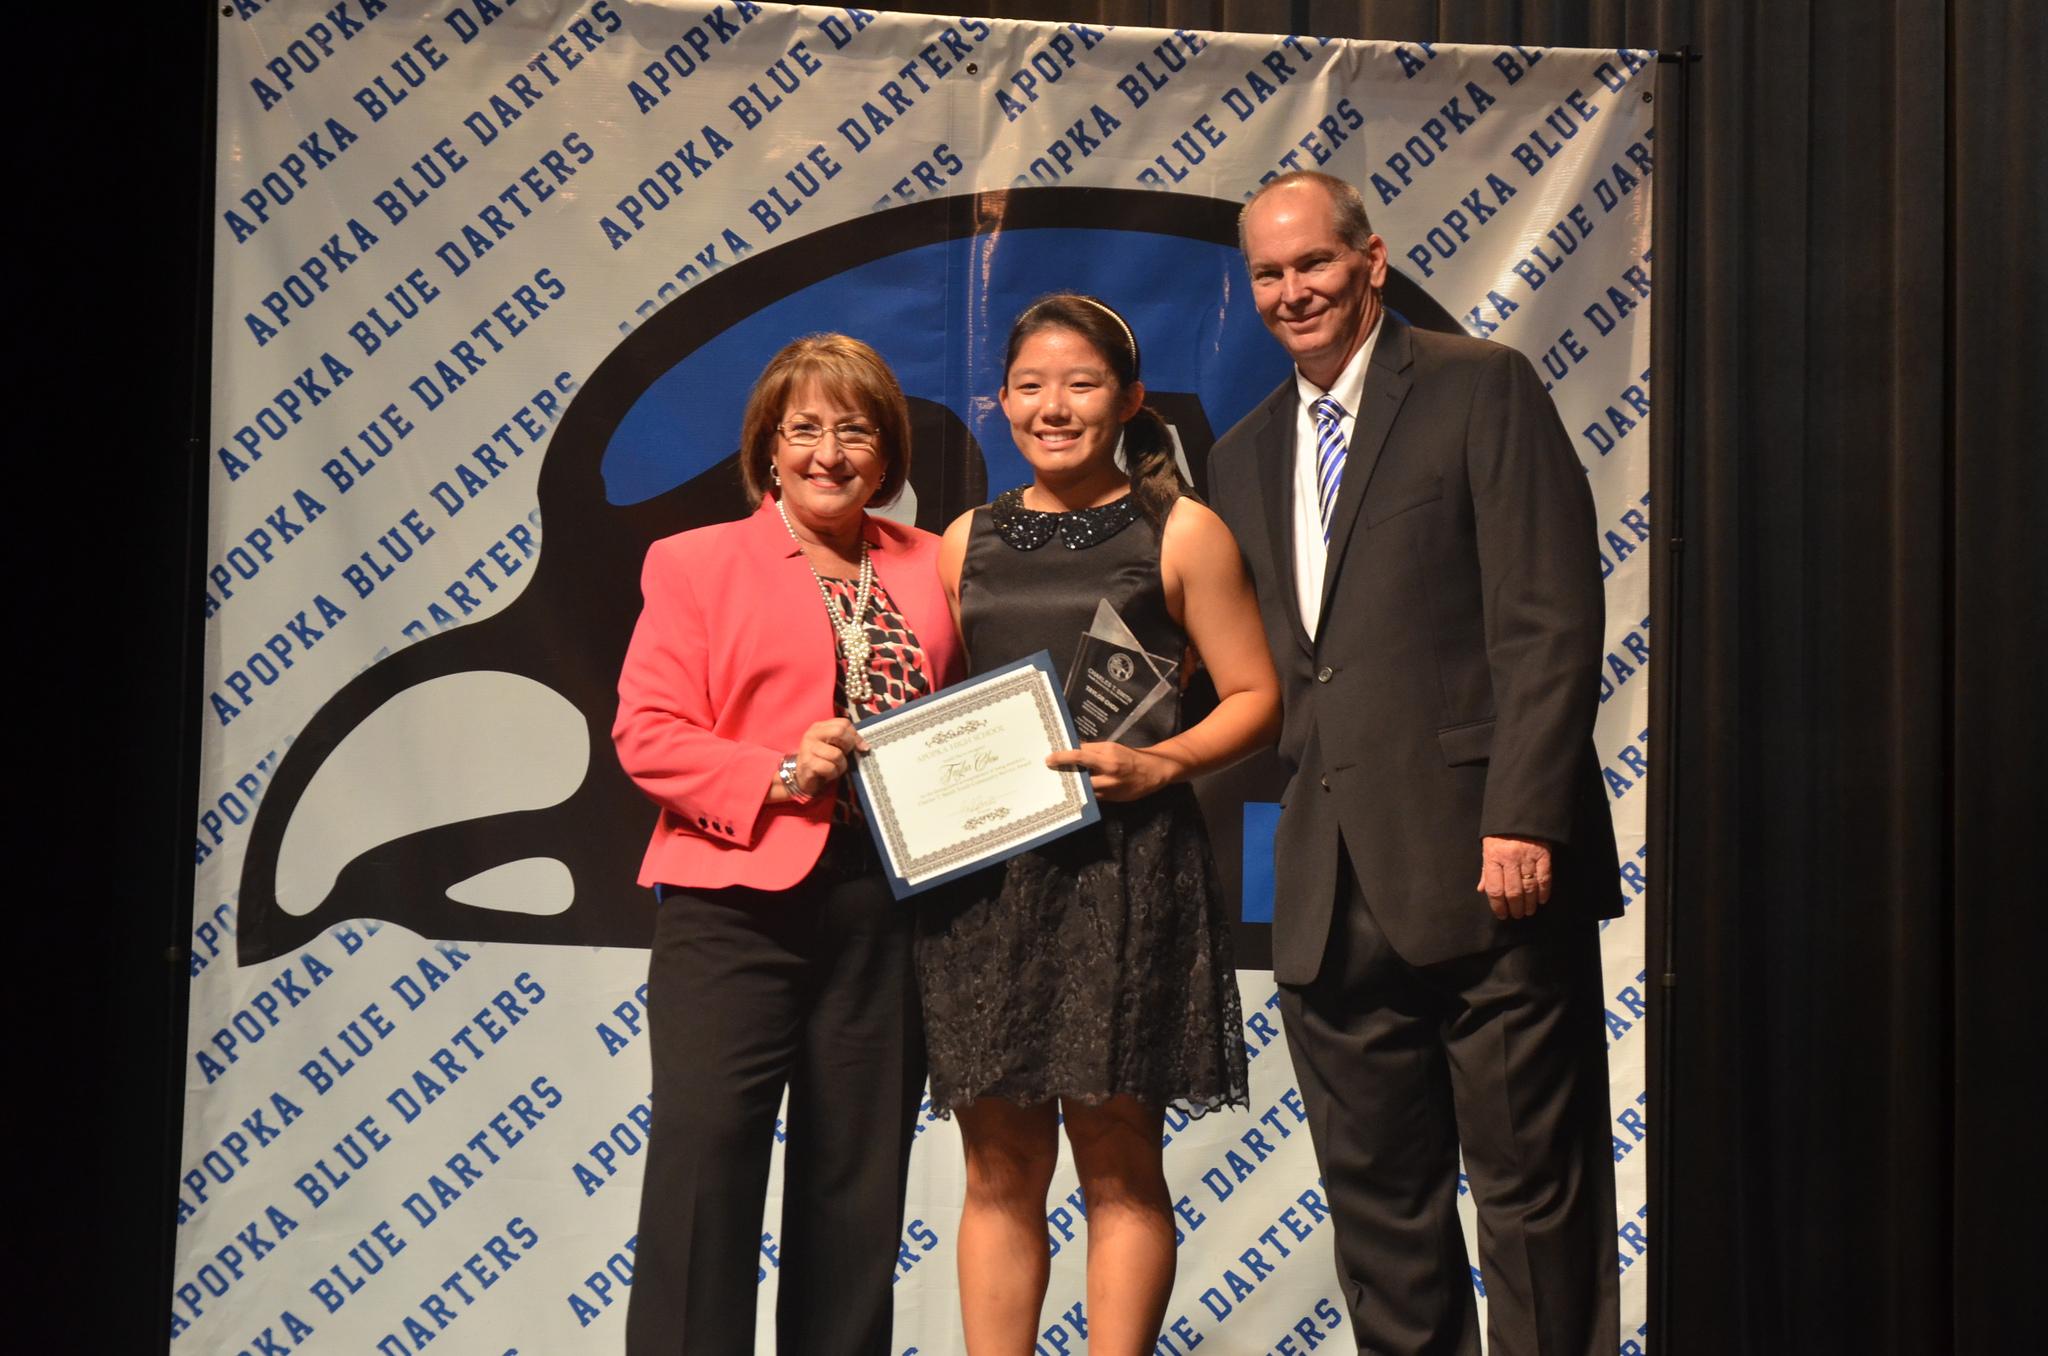 La Alcaldesa Jacobs hace entrega de un premio a estudiante de la escuela superior Apopka High School